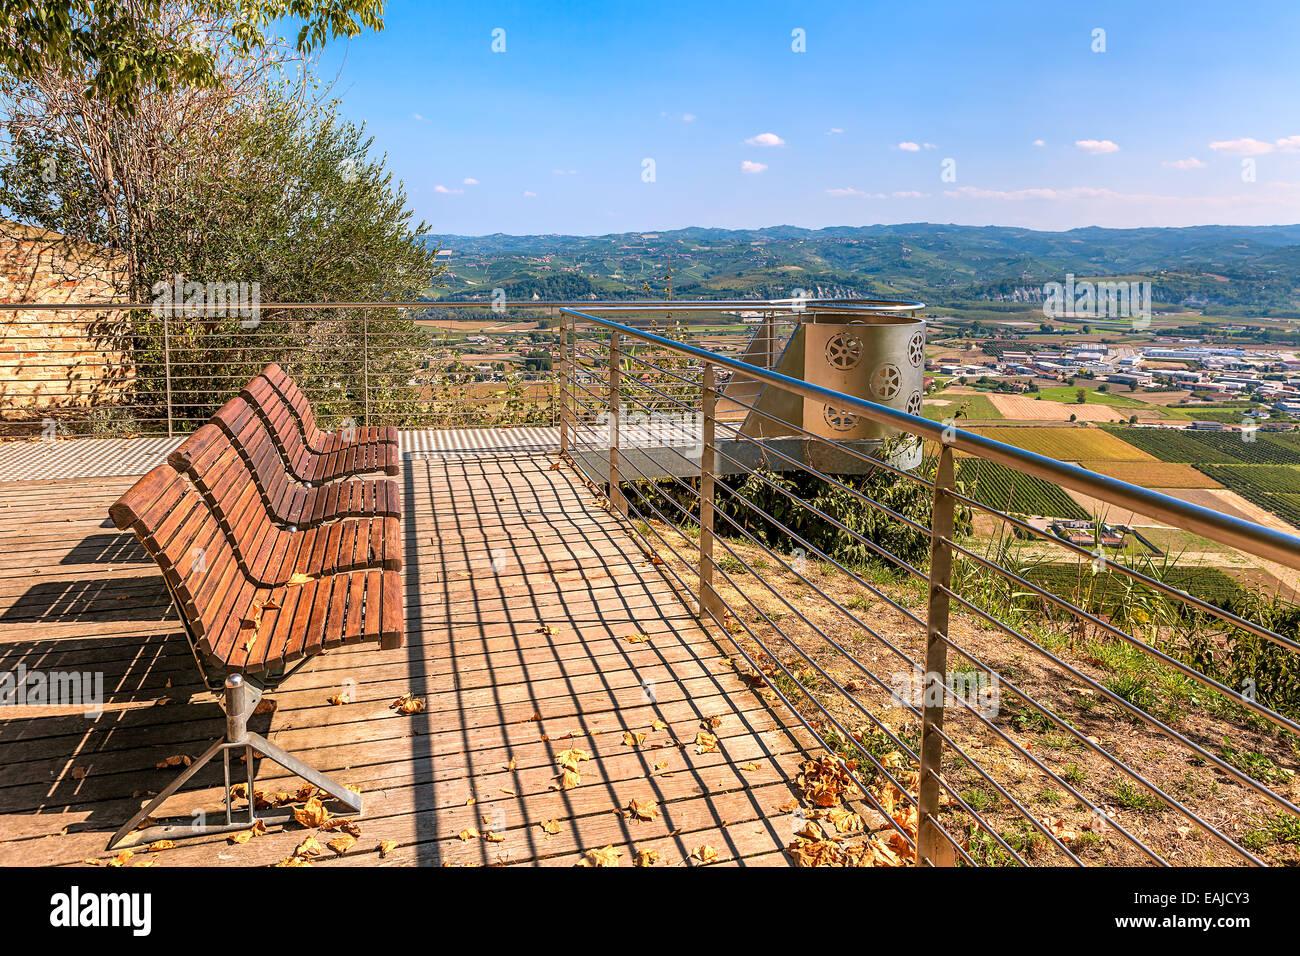 Holzbänke und schönen Aussichtspunkt im Herbst im Piemont, Norditalien. Stockbild